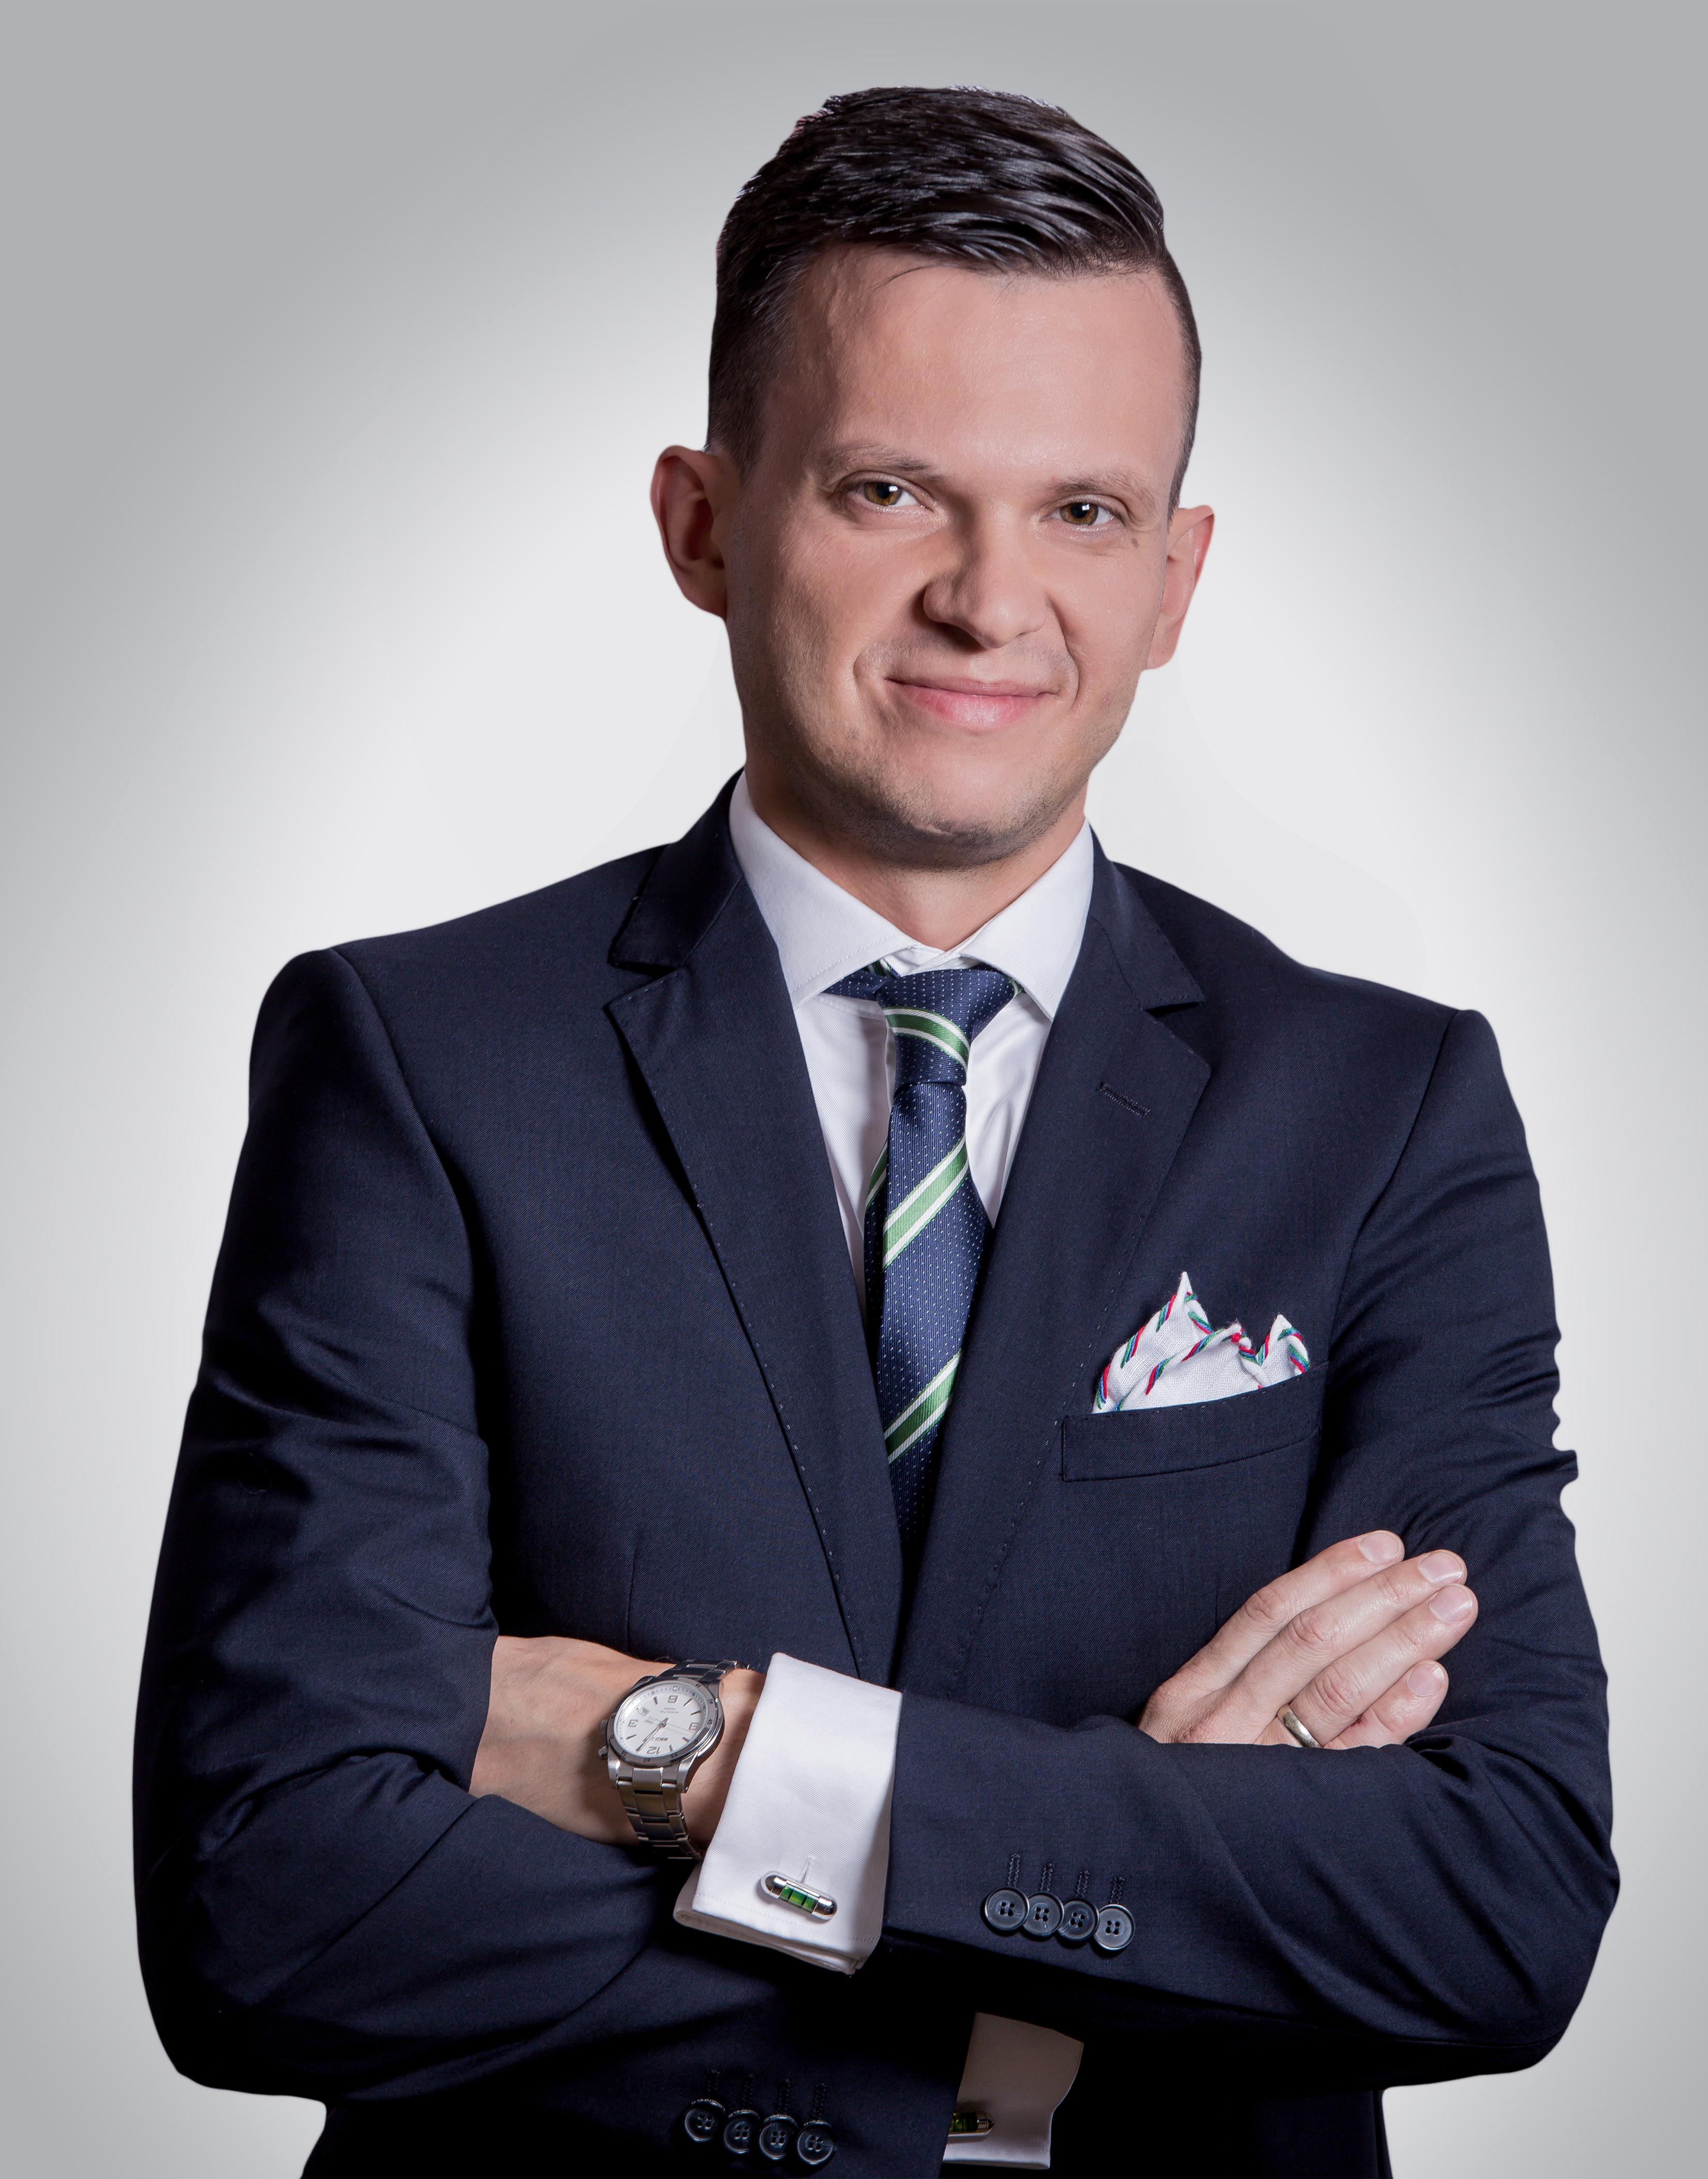 Schematy podatkowe Tomasz Kosieradzki